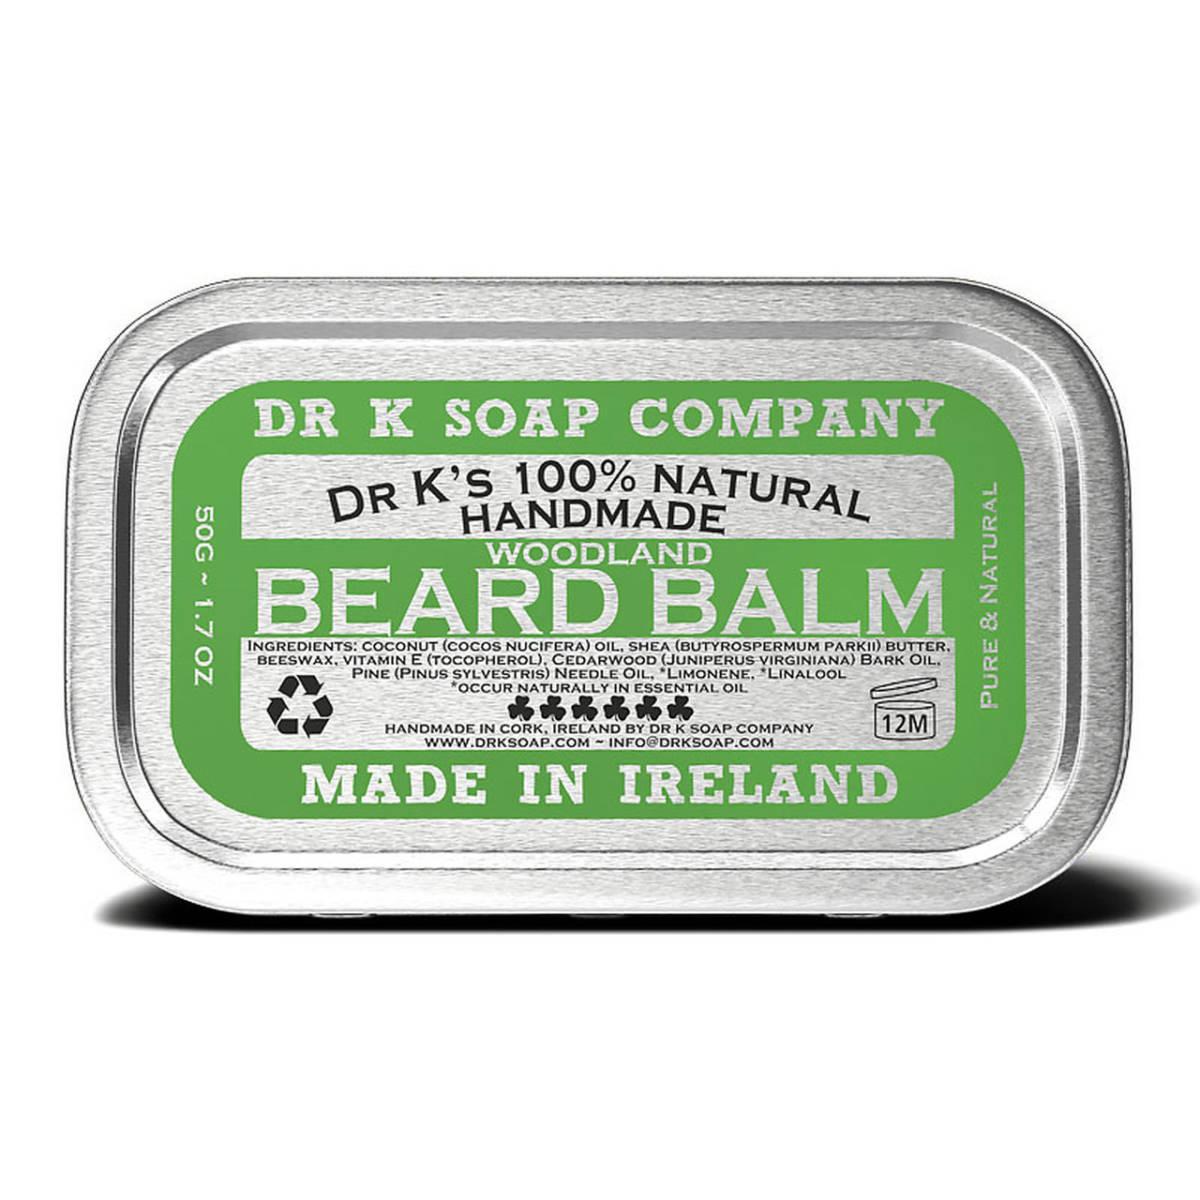 Tuotekuva: Dr K Soap Company Beard Balm Woodland -partavaha (50g)